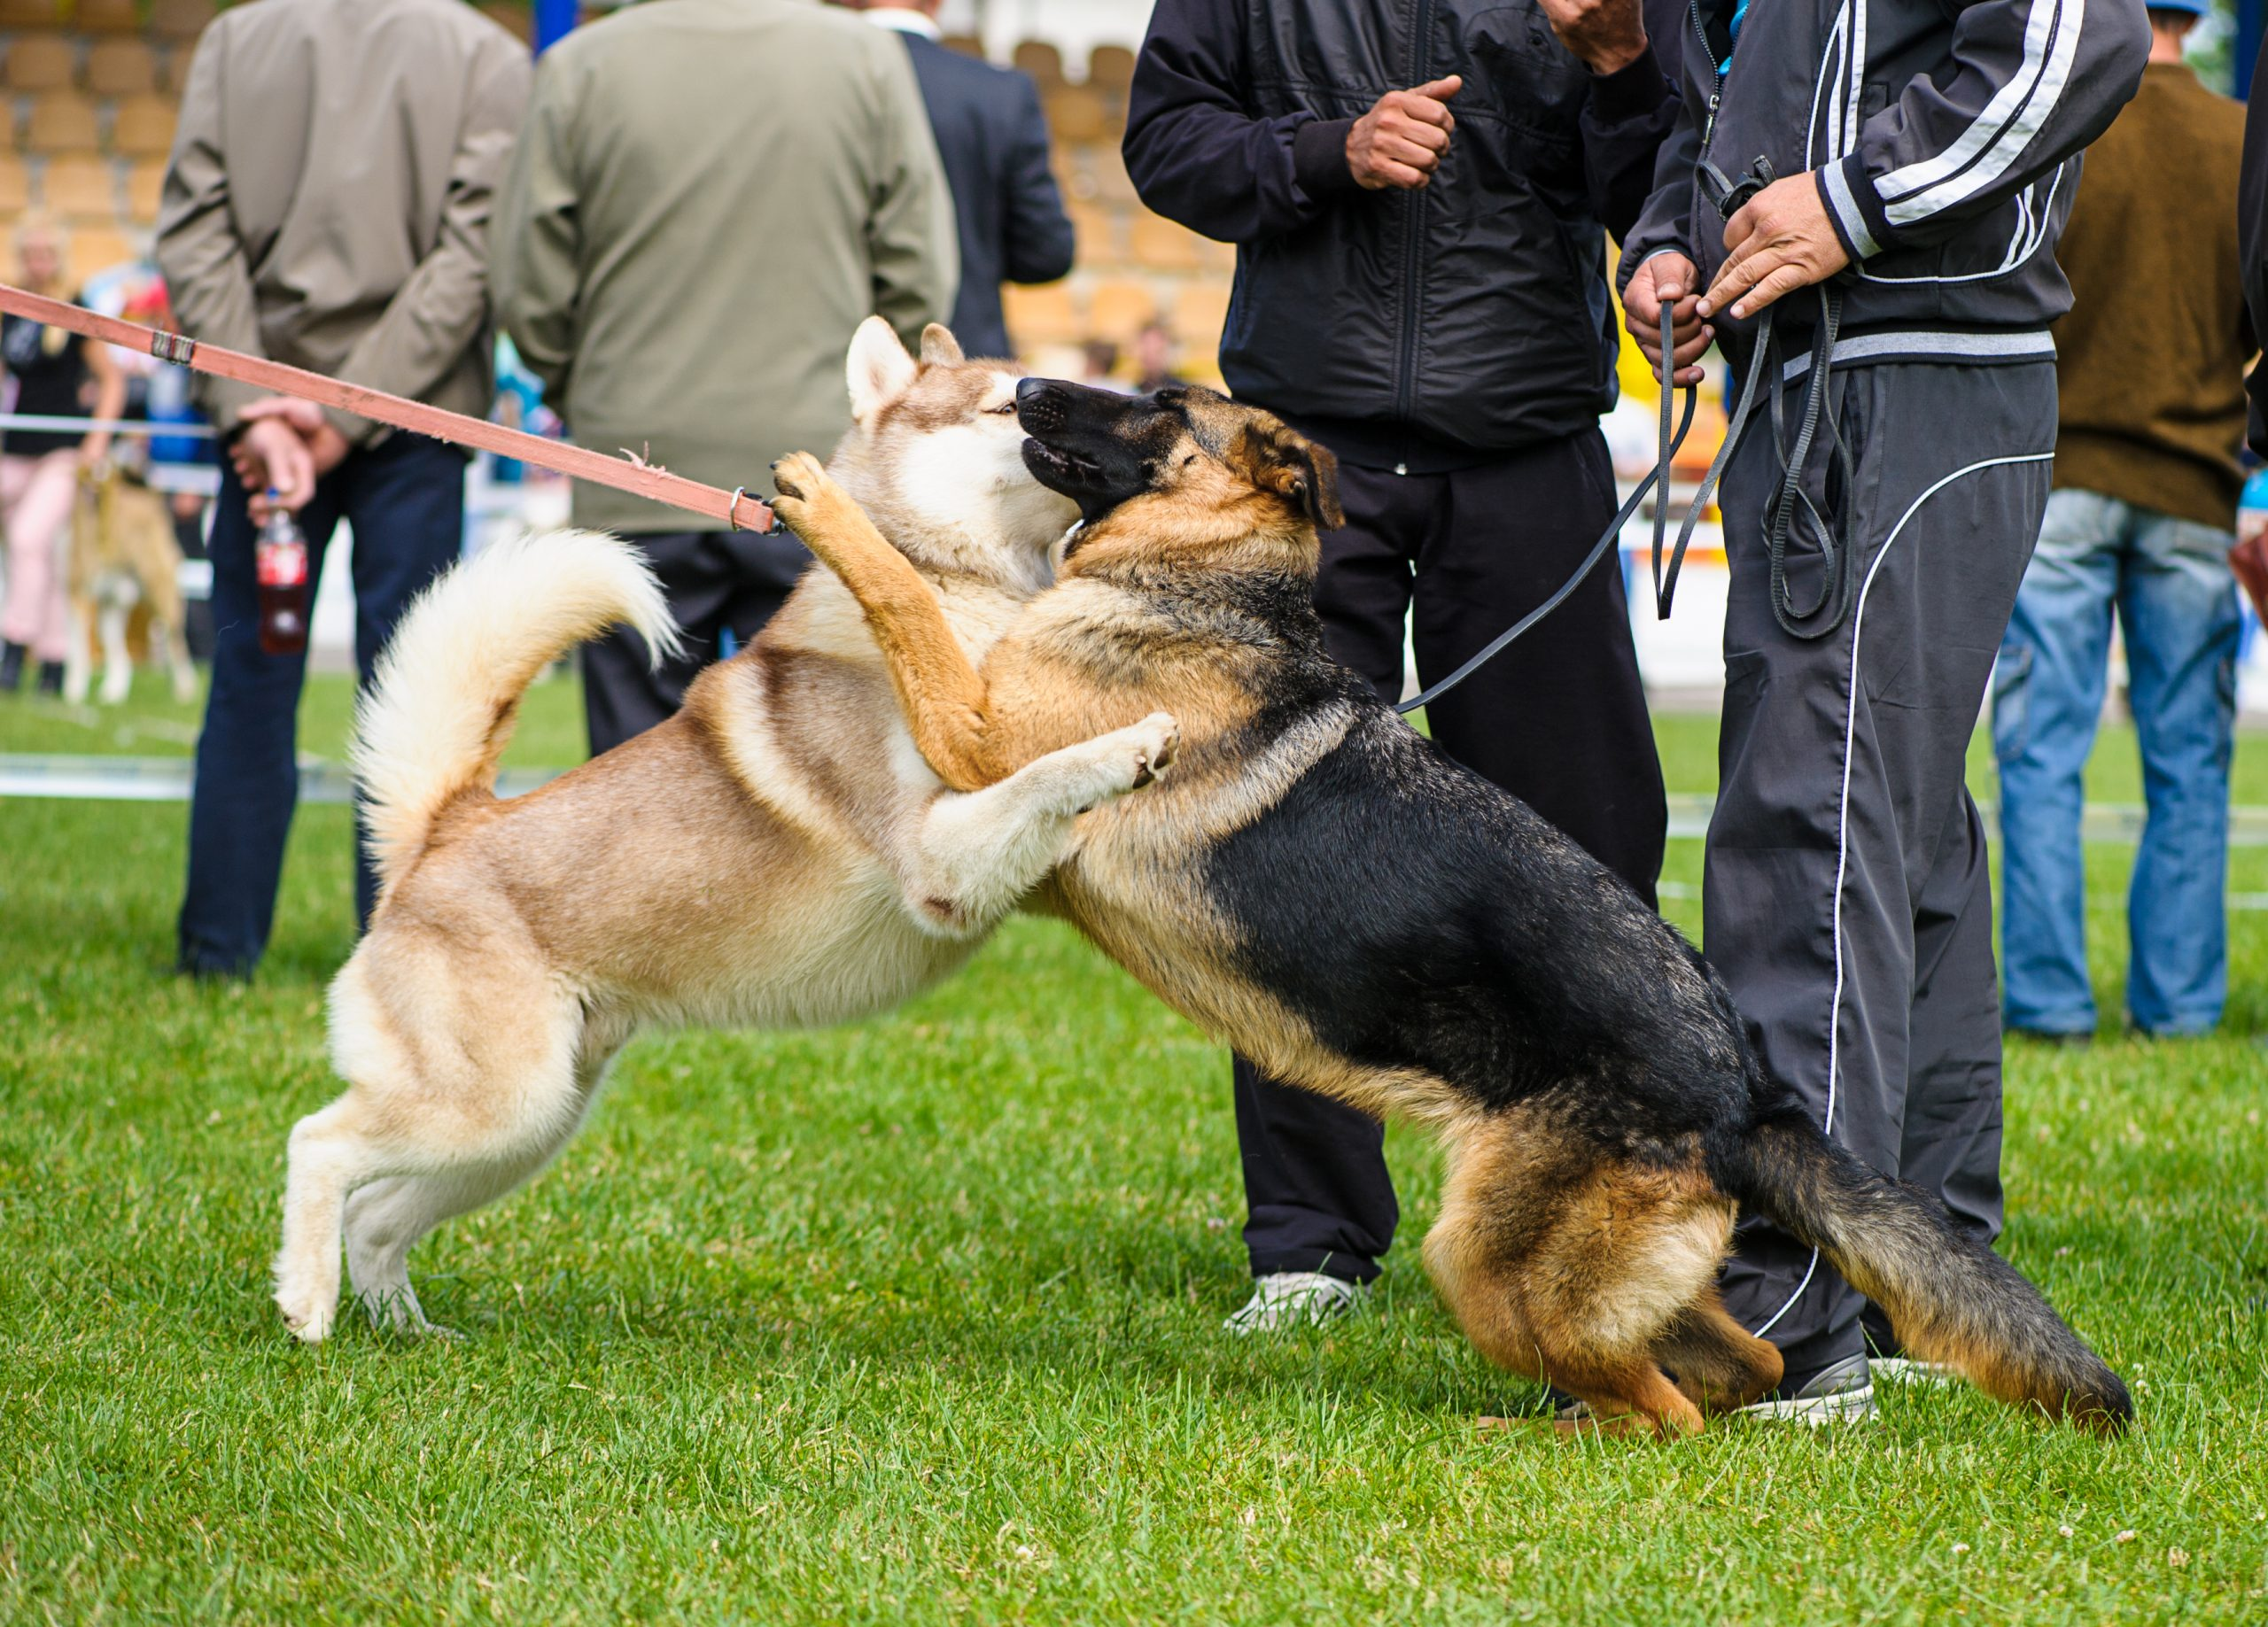 Say No To On-Leash Dog Greetings